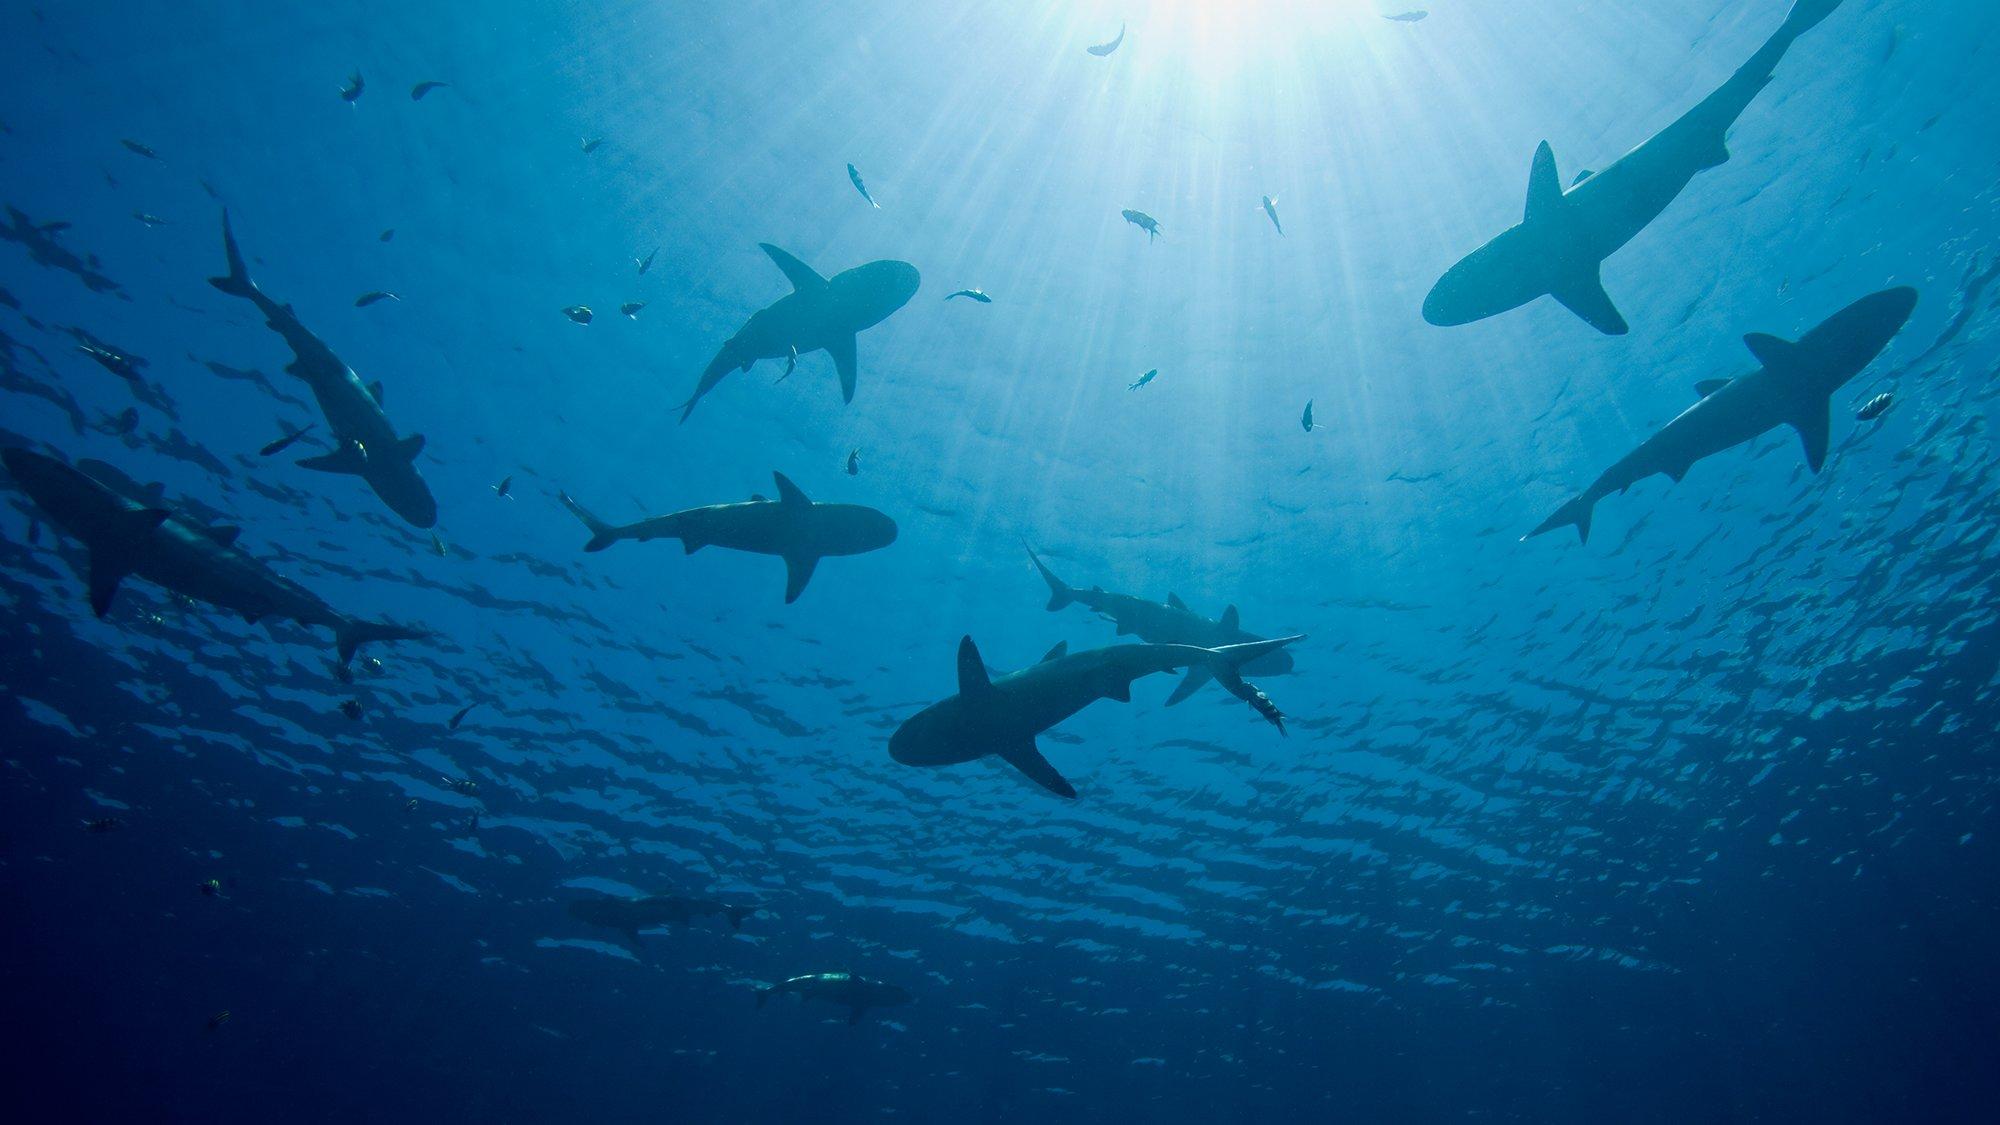 Nuclear Sharks